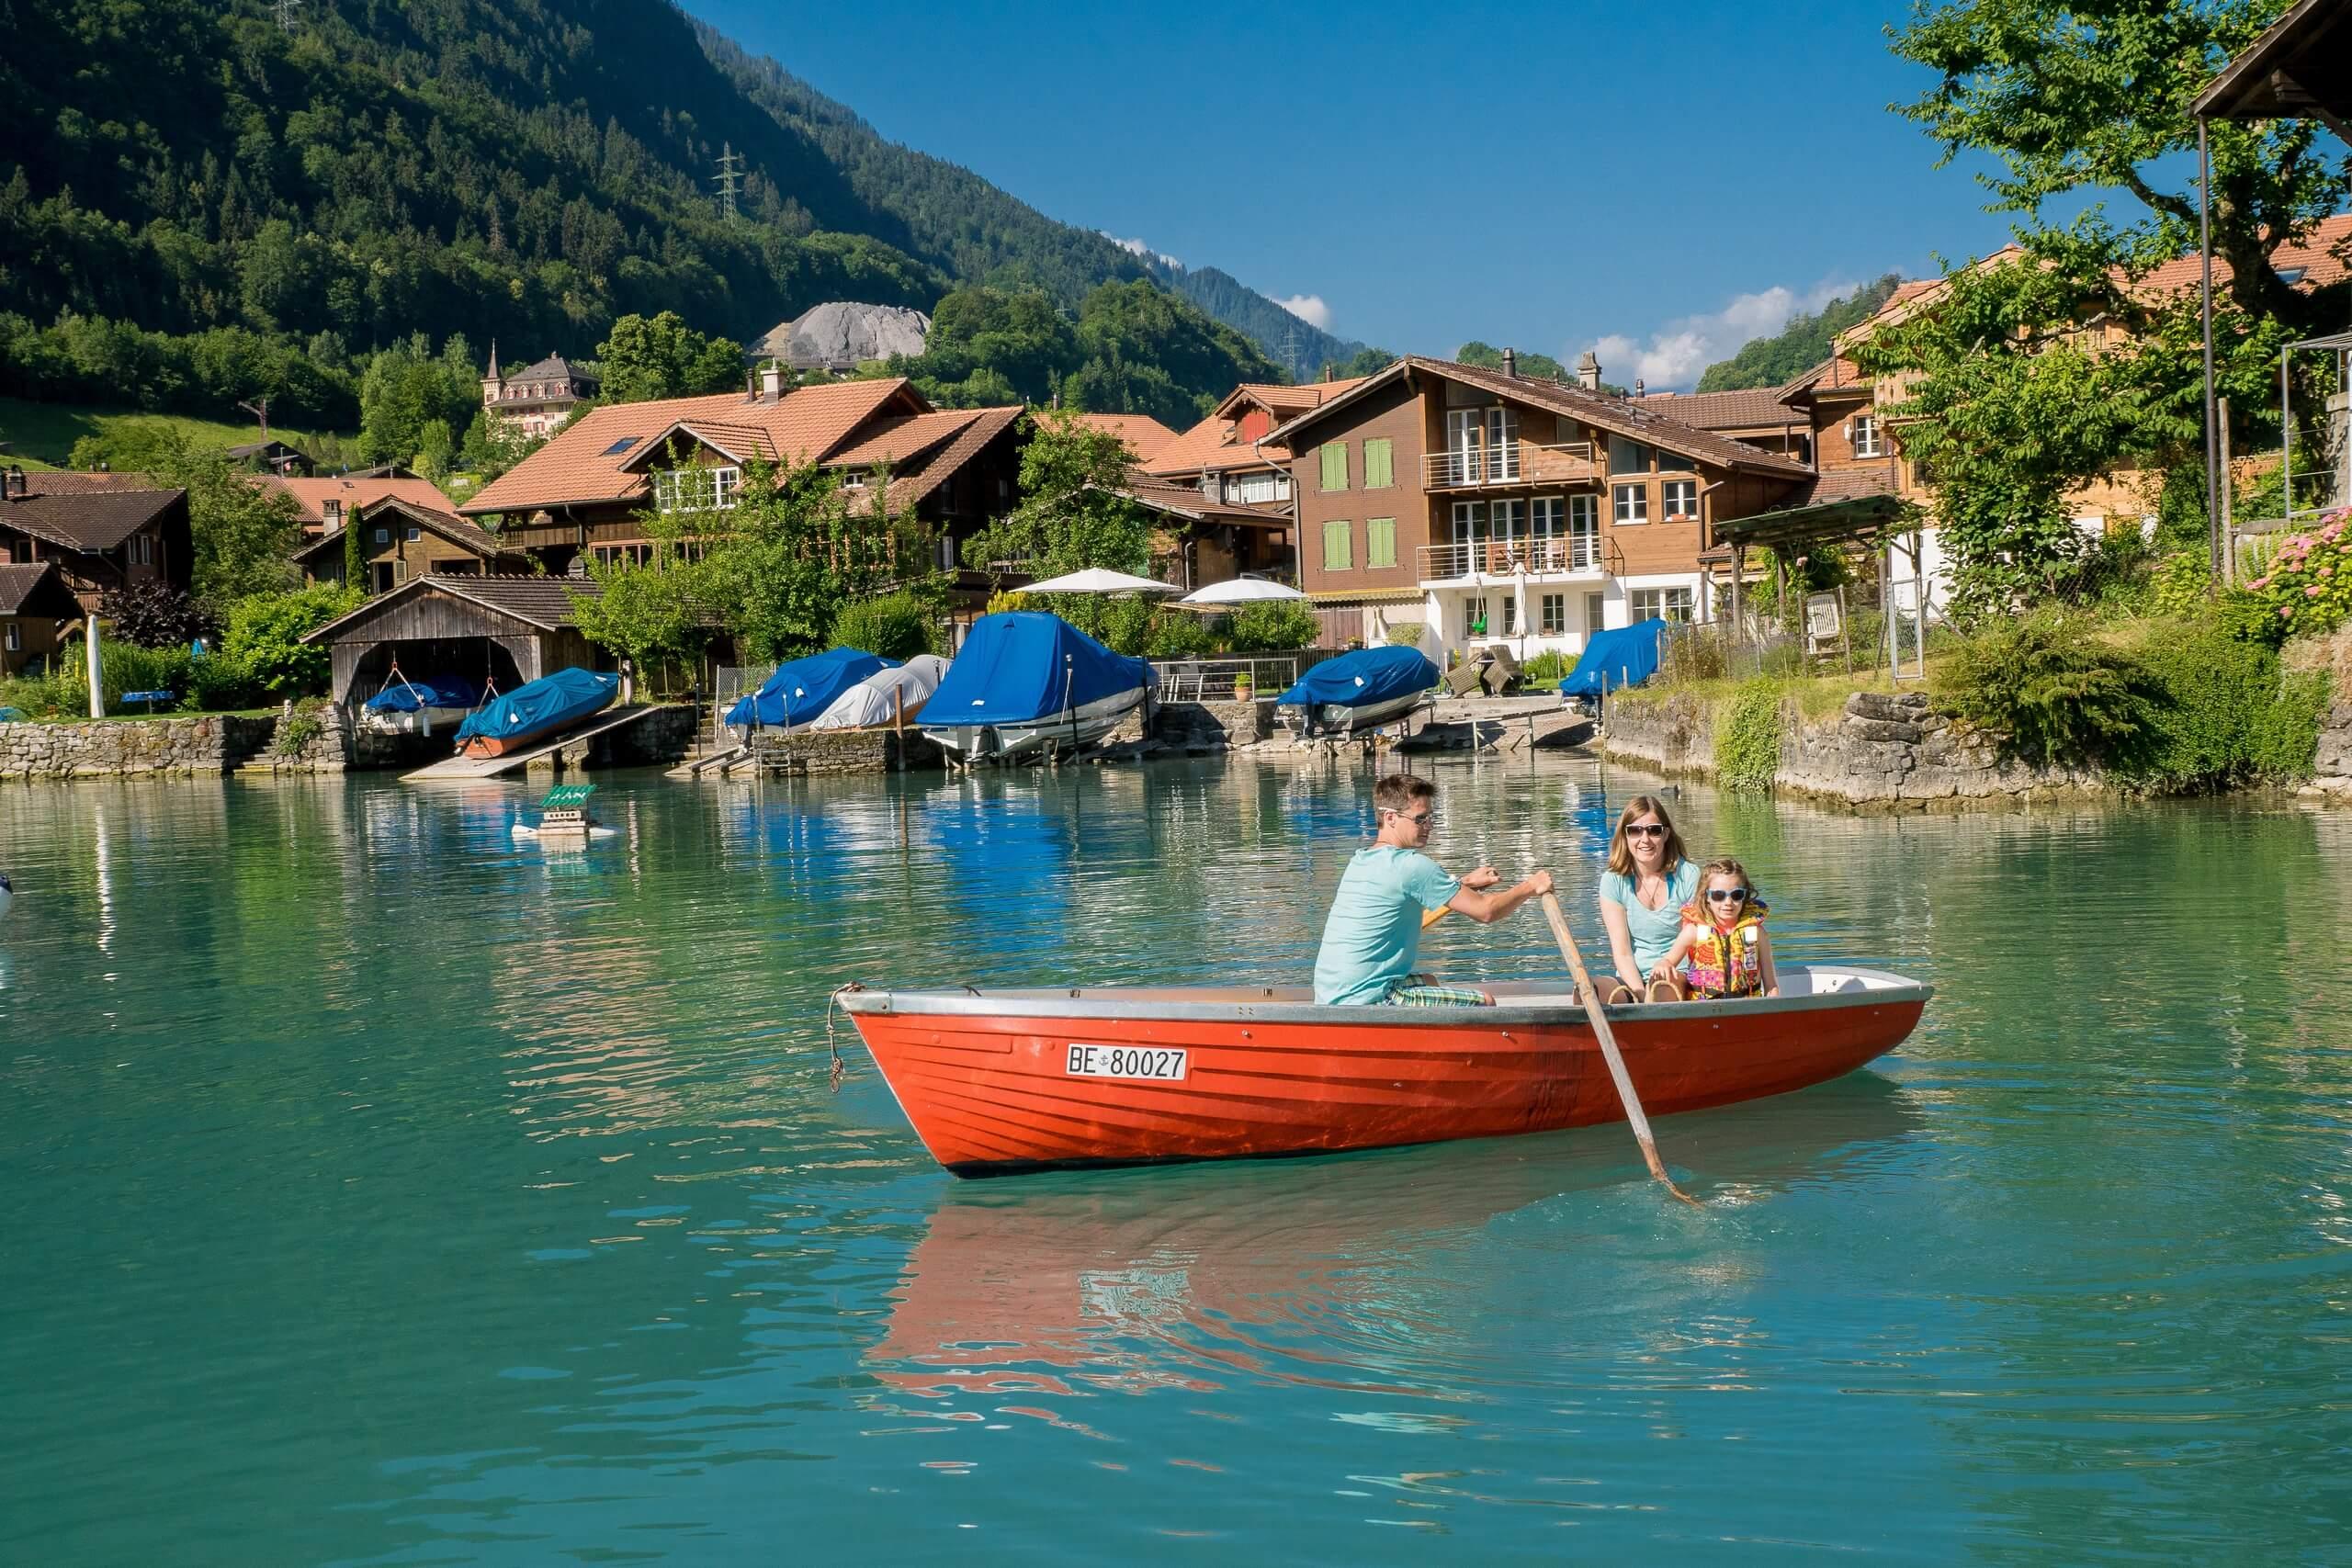 iseltwald-bootsvermietung-abegglen-werft-ruderboot-sommer